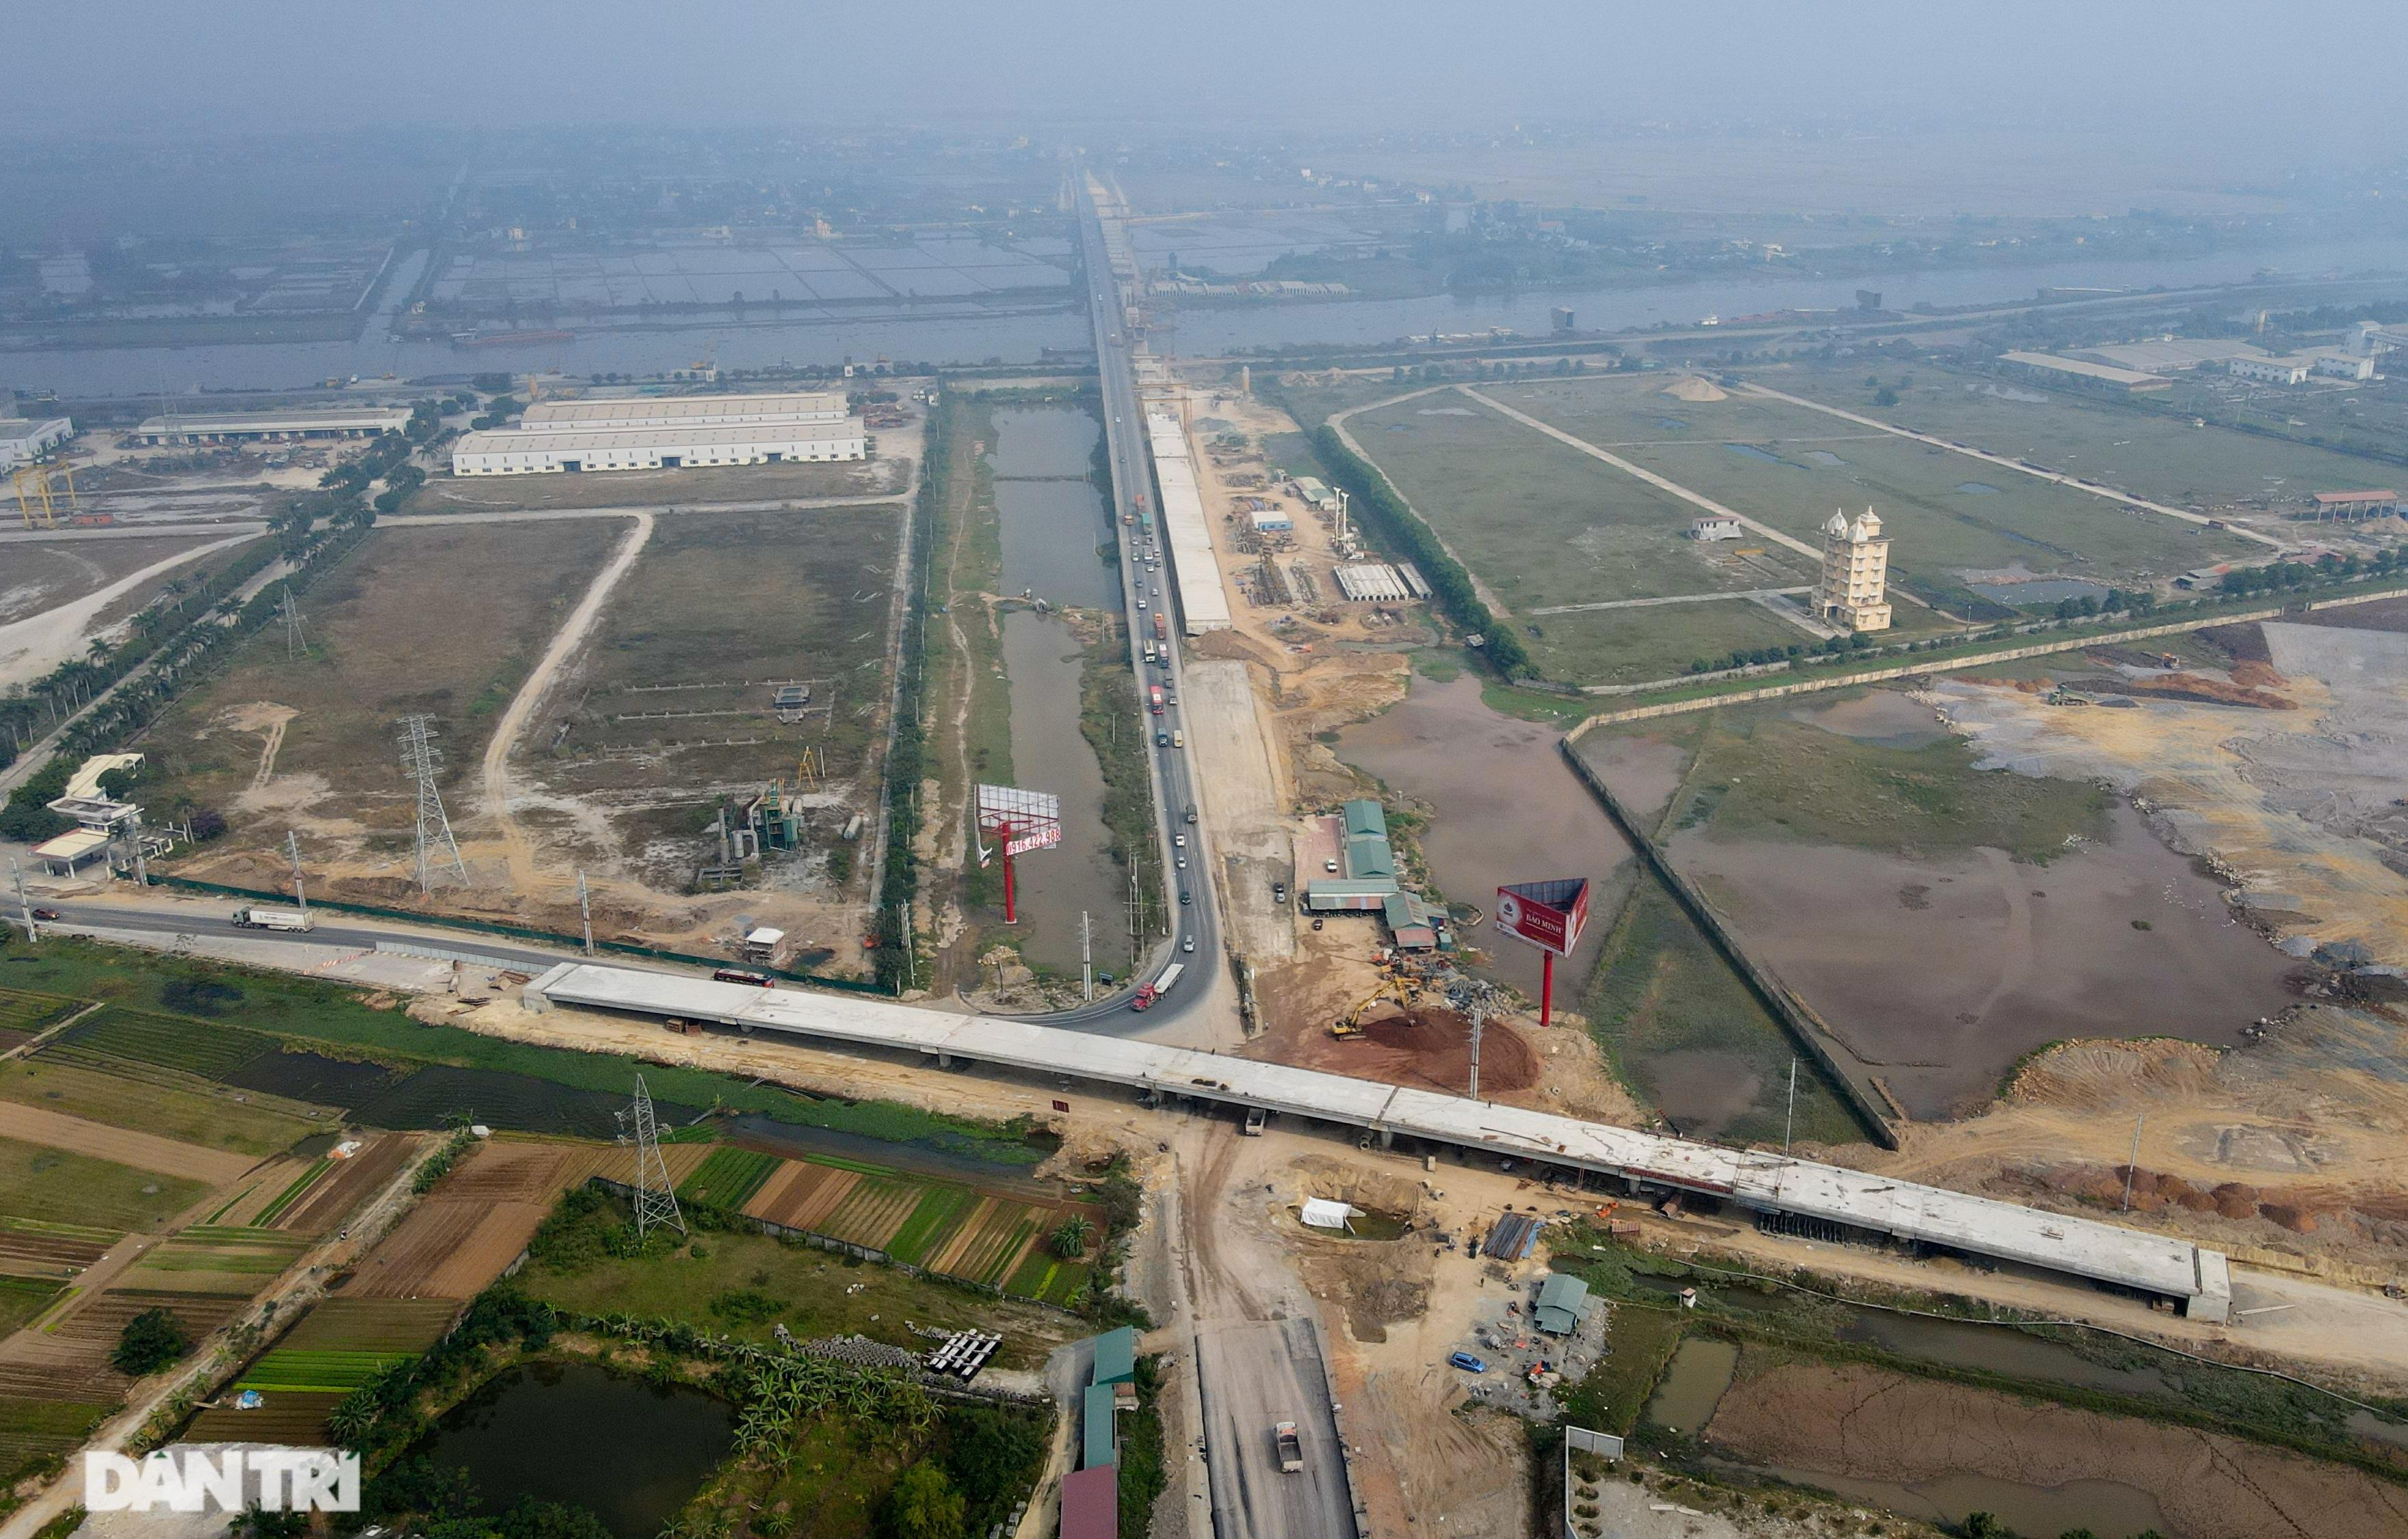 Tuyến cao tốc Ninh Bình - Thanh Hóa 12 nghìn tỷ đồng đang dần hình thành - 1